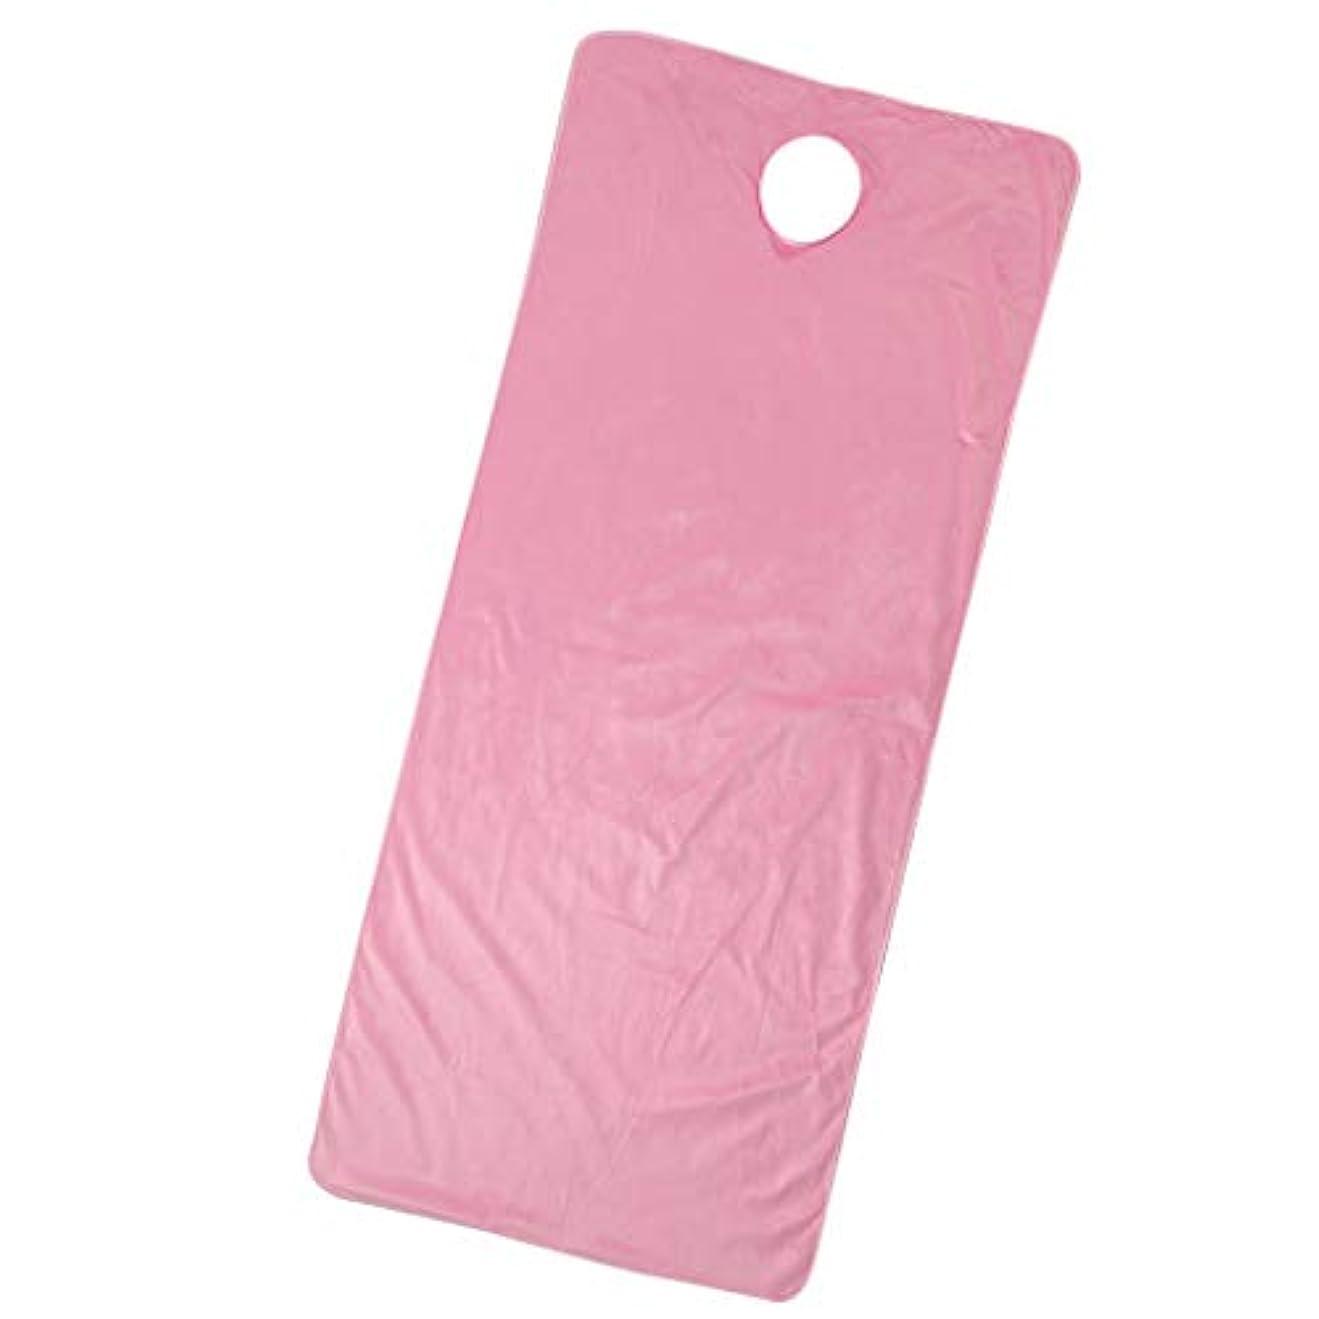 パーチナシティ寝るグリーンバックスパ マッサージベッドカバー 有孔 うつぶせ 美容ベッドカバー 快適 通気性